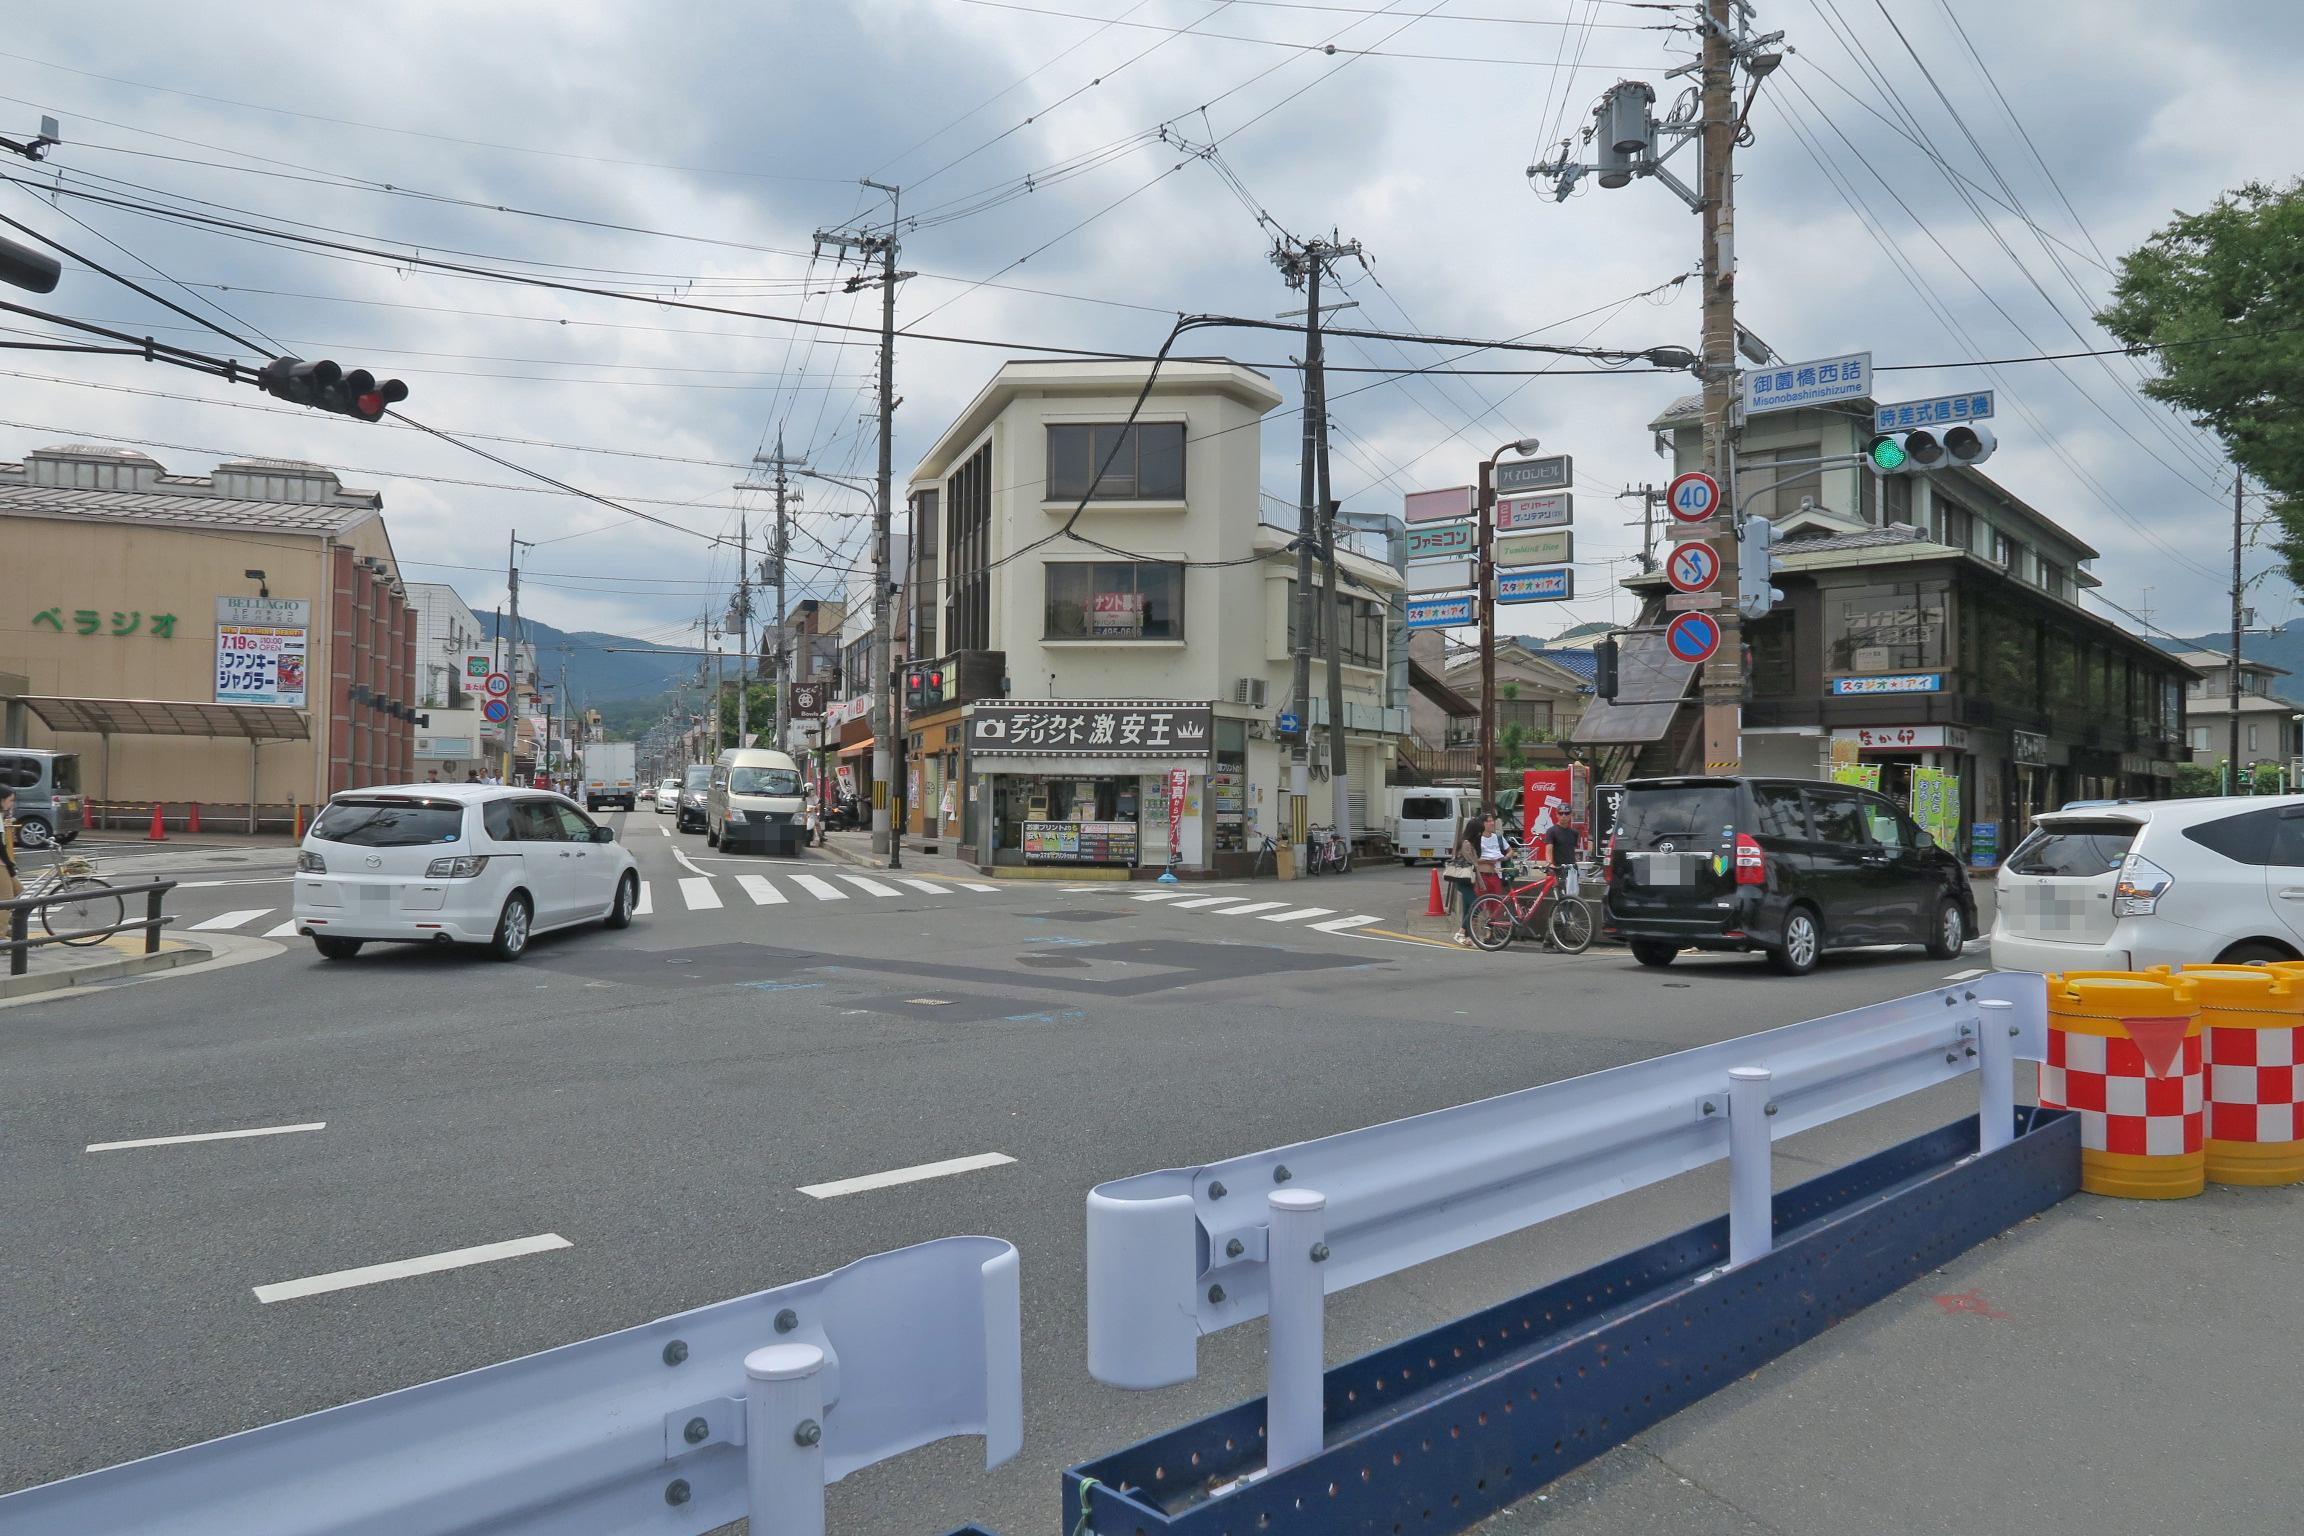 御薗橋西詰に商店街が出てきました。鴨川沿いでランチを検討している方はここの商店街がおすすめ。